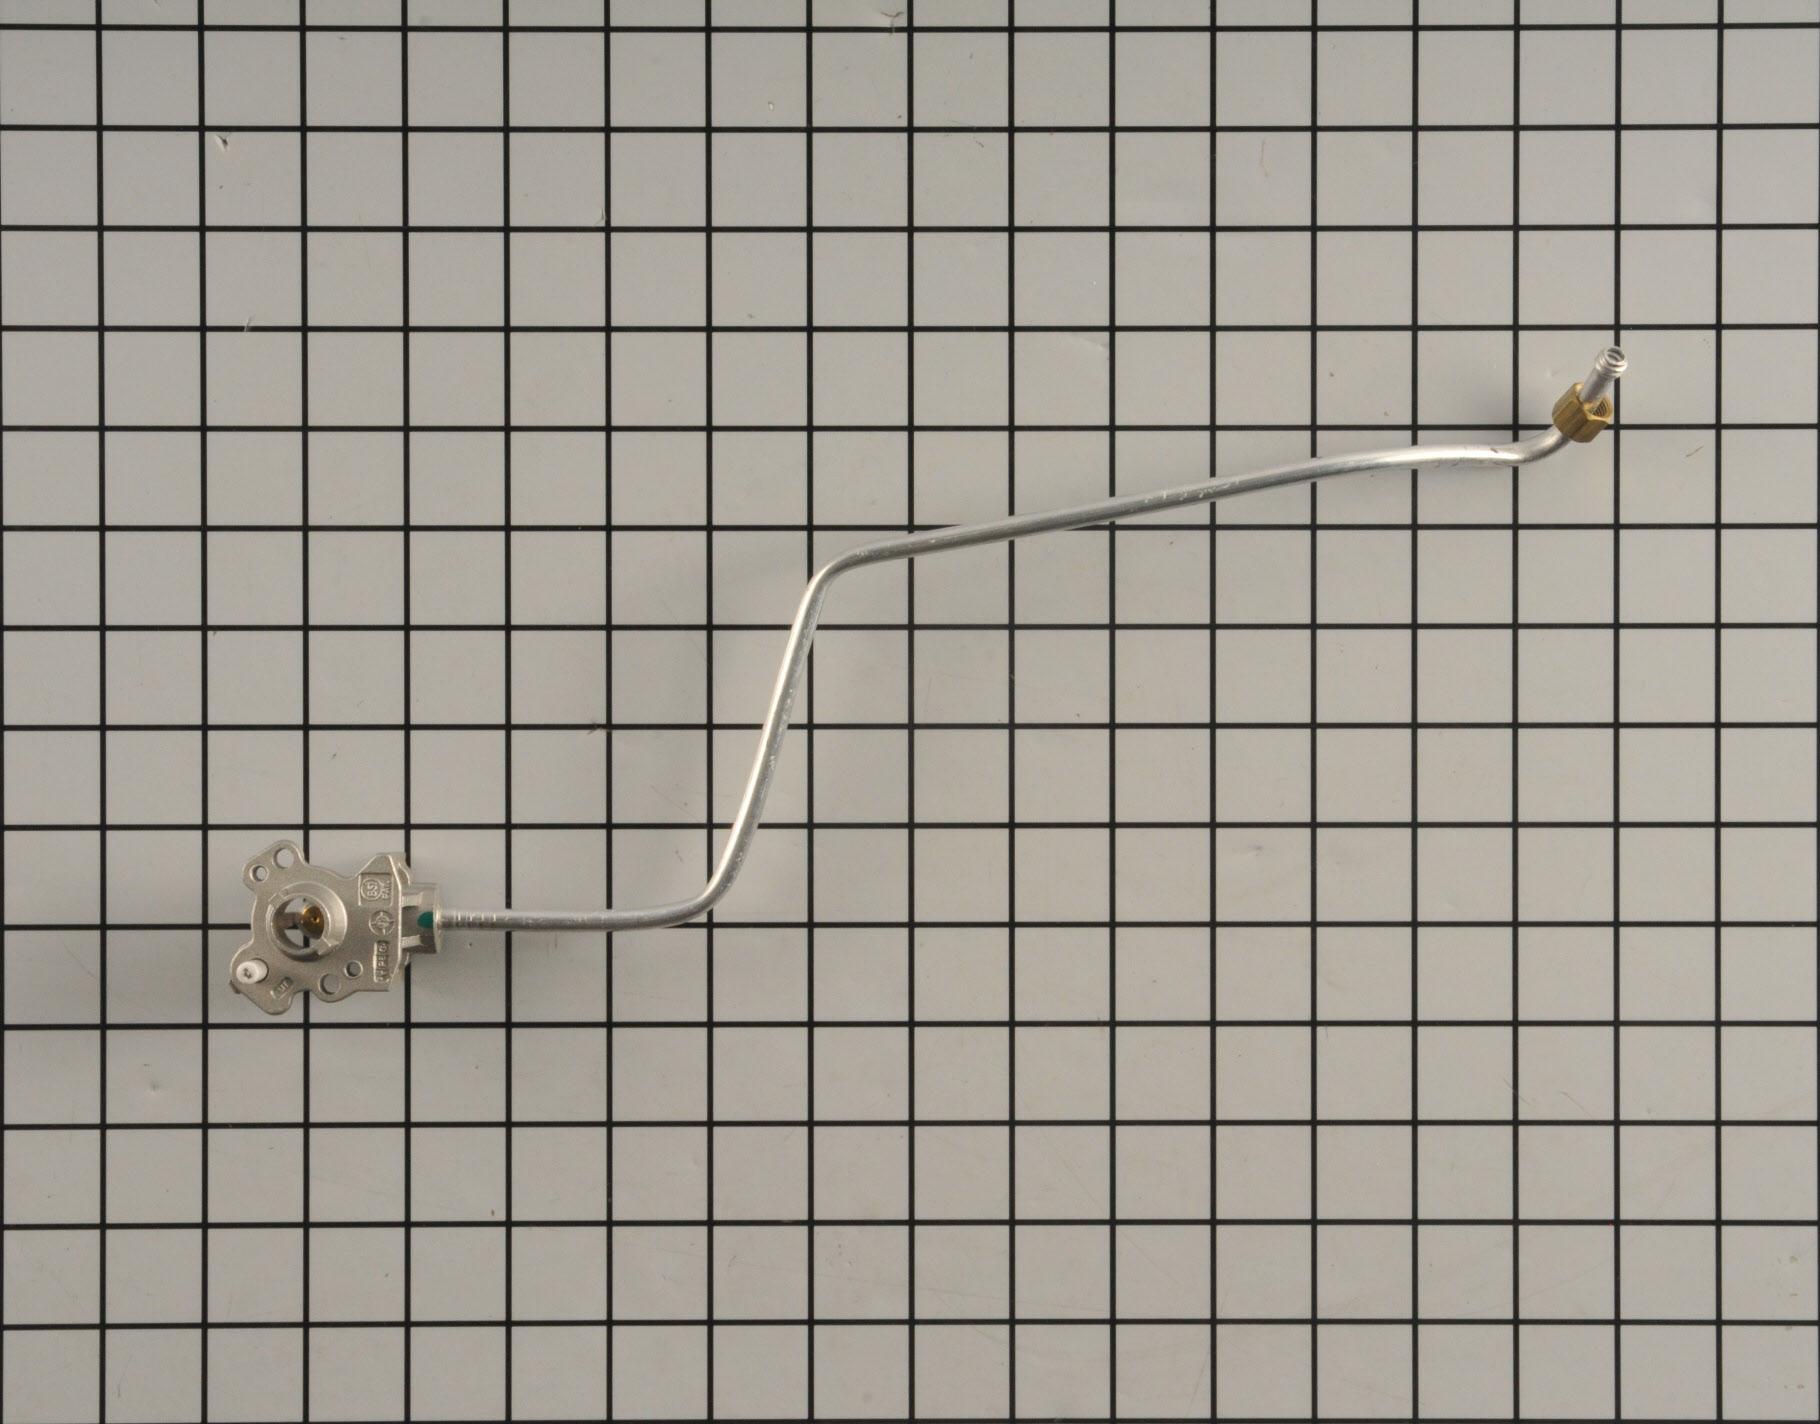 KitchenAid Range/Stove/Oven Part # W10643269 - Surface Burner Orifice Holder